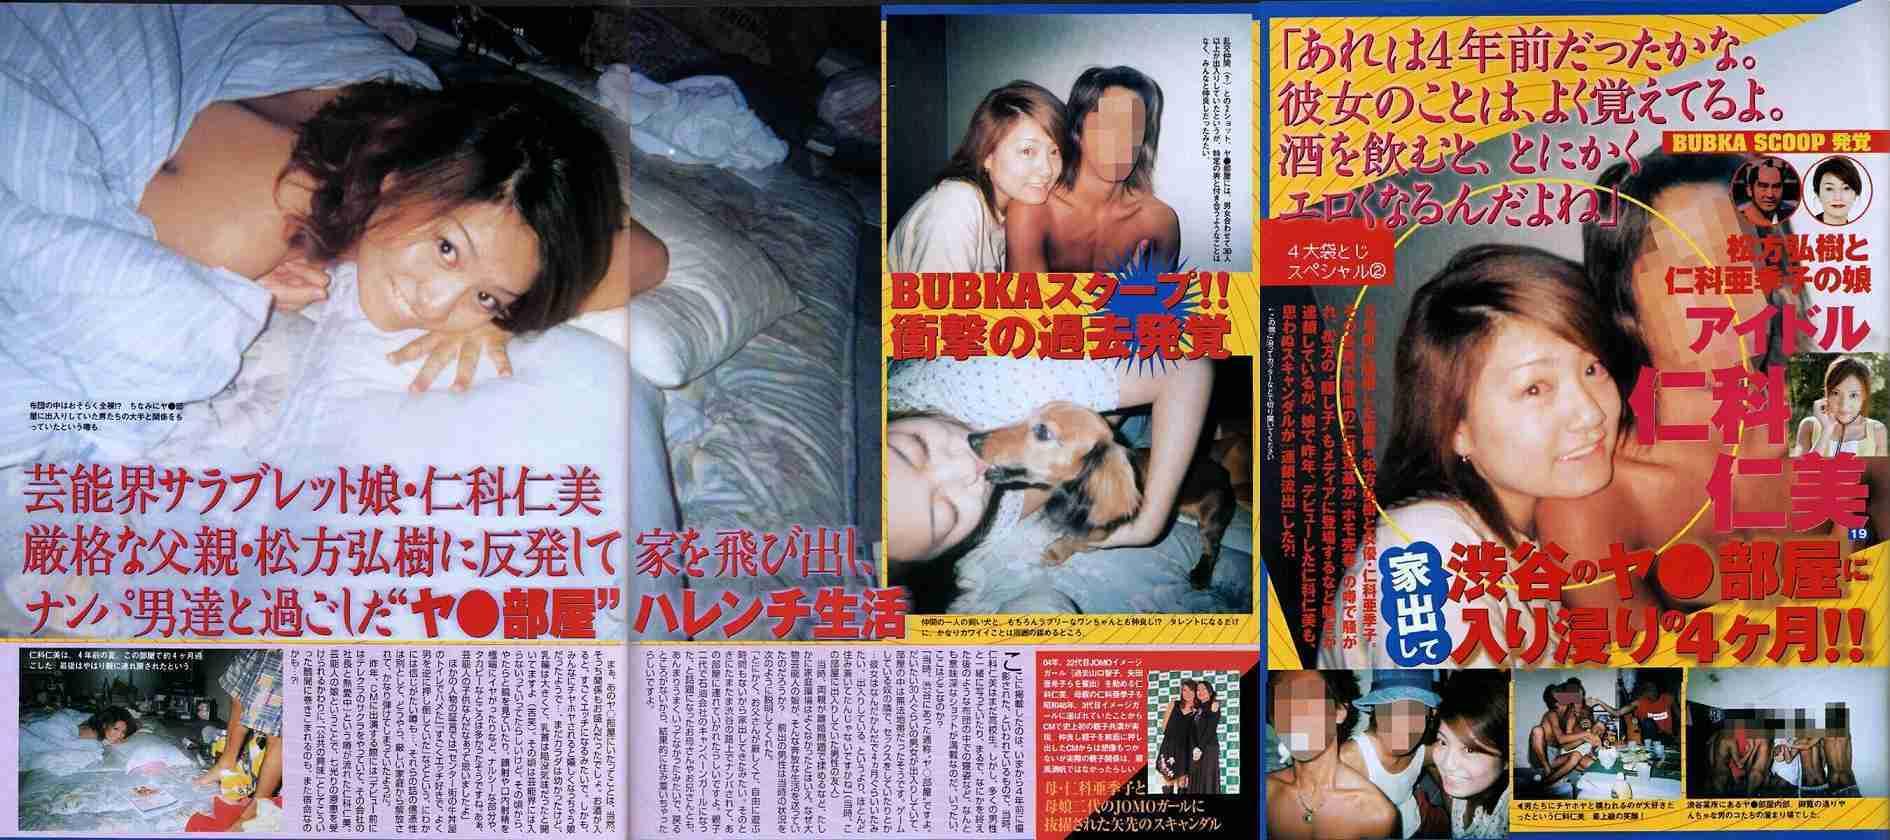 仁科克基、妹・仁美の妊娠・結婚拒否報道は「本当です」相手男性に激怒